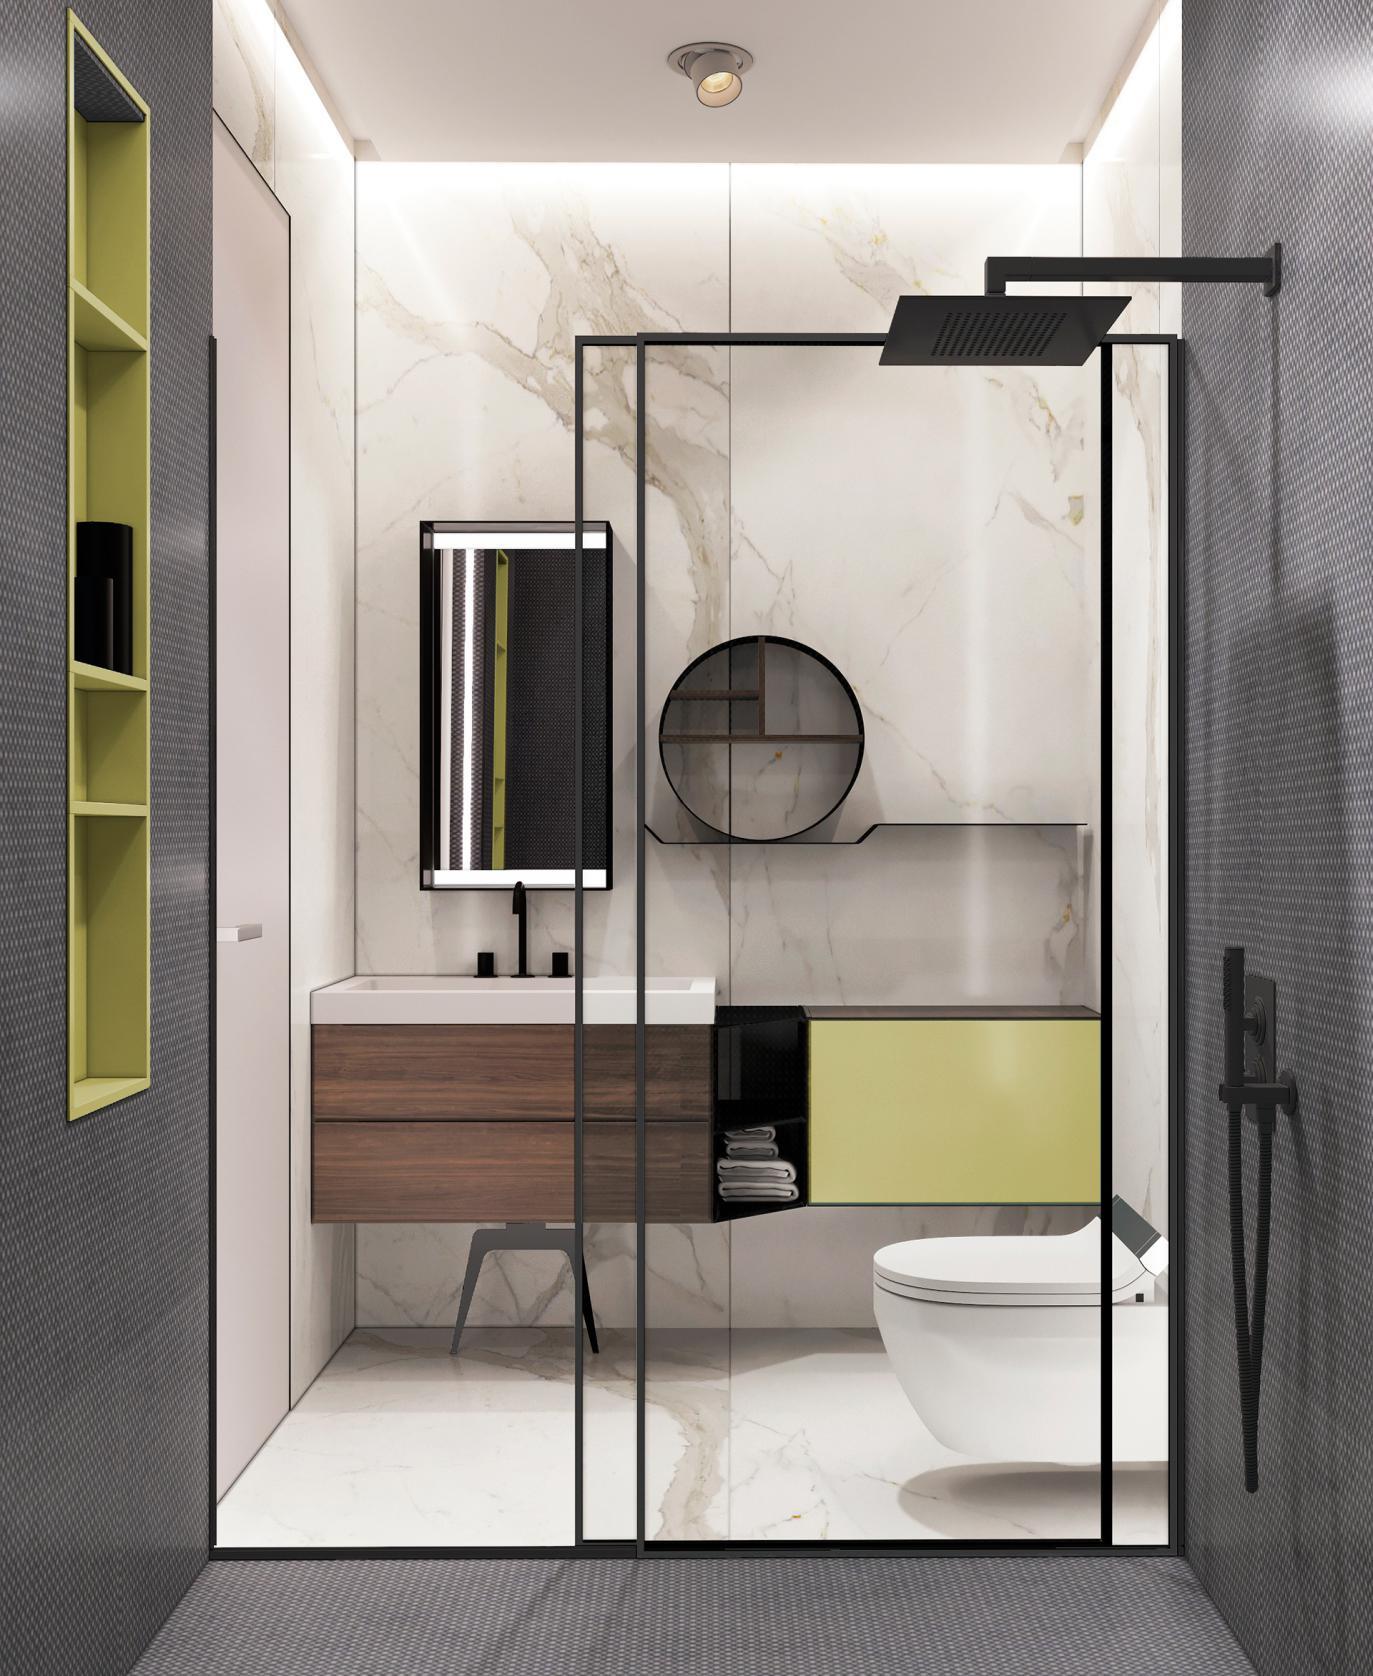 时尚轻奢公寓卫生间装修效果图